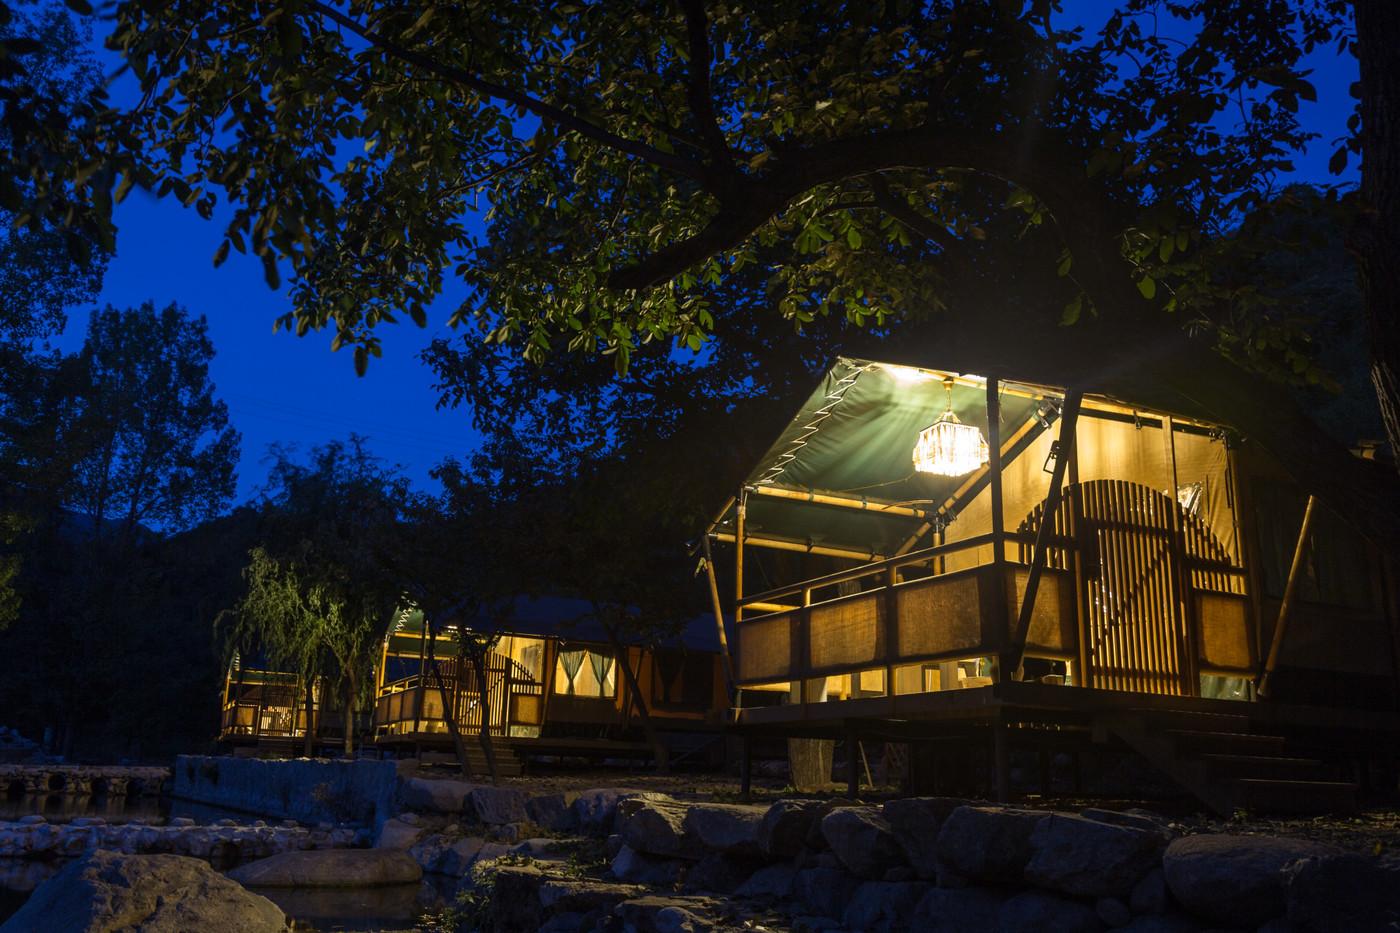 喜马拉雅野奢帐篷酒店一北京石头 剪刀 布一私享院子 54平山谷型  24